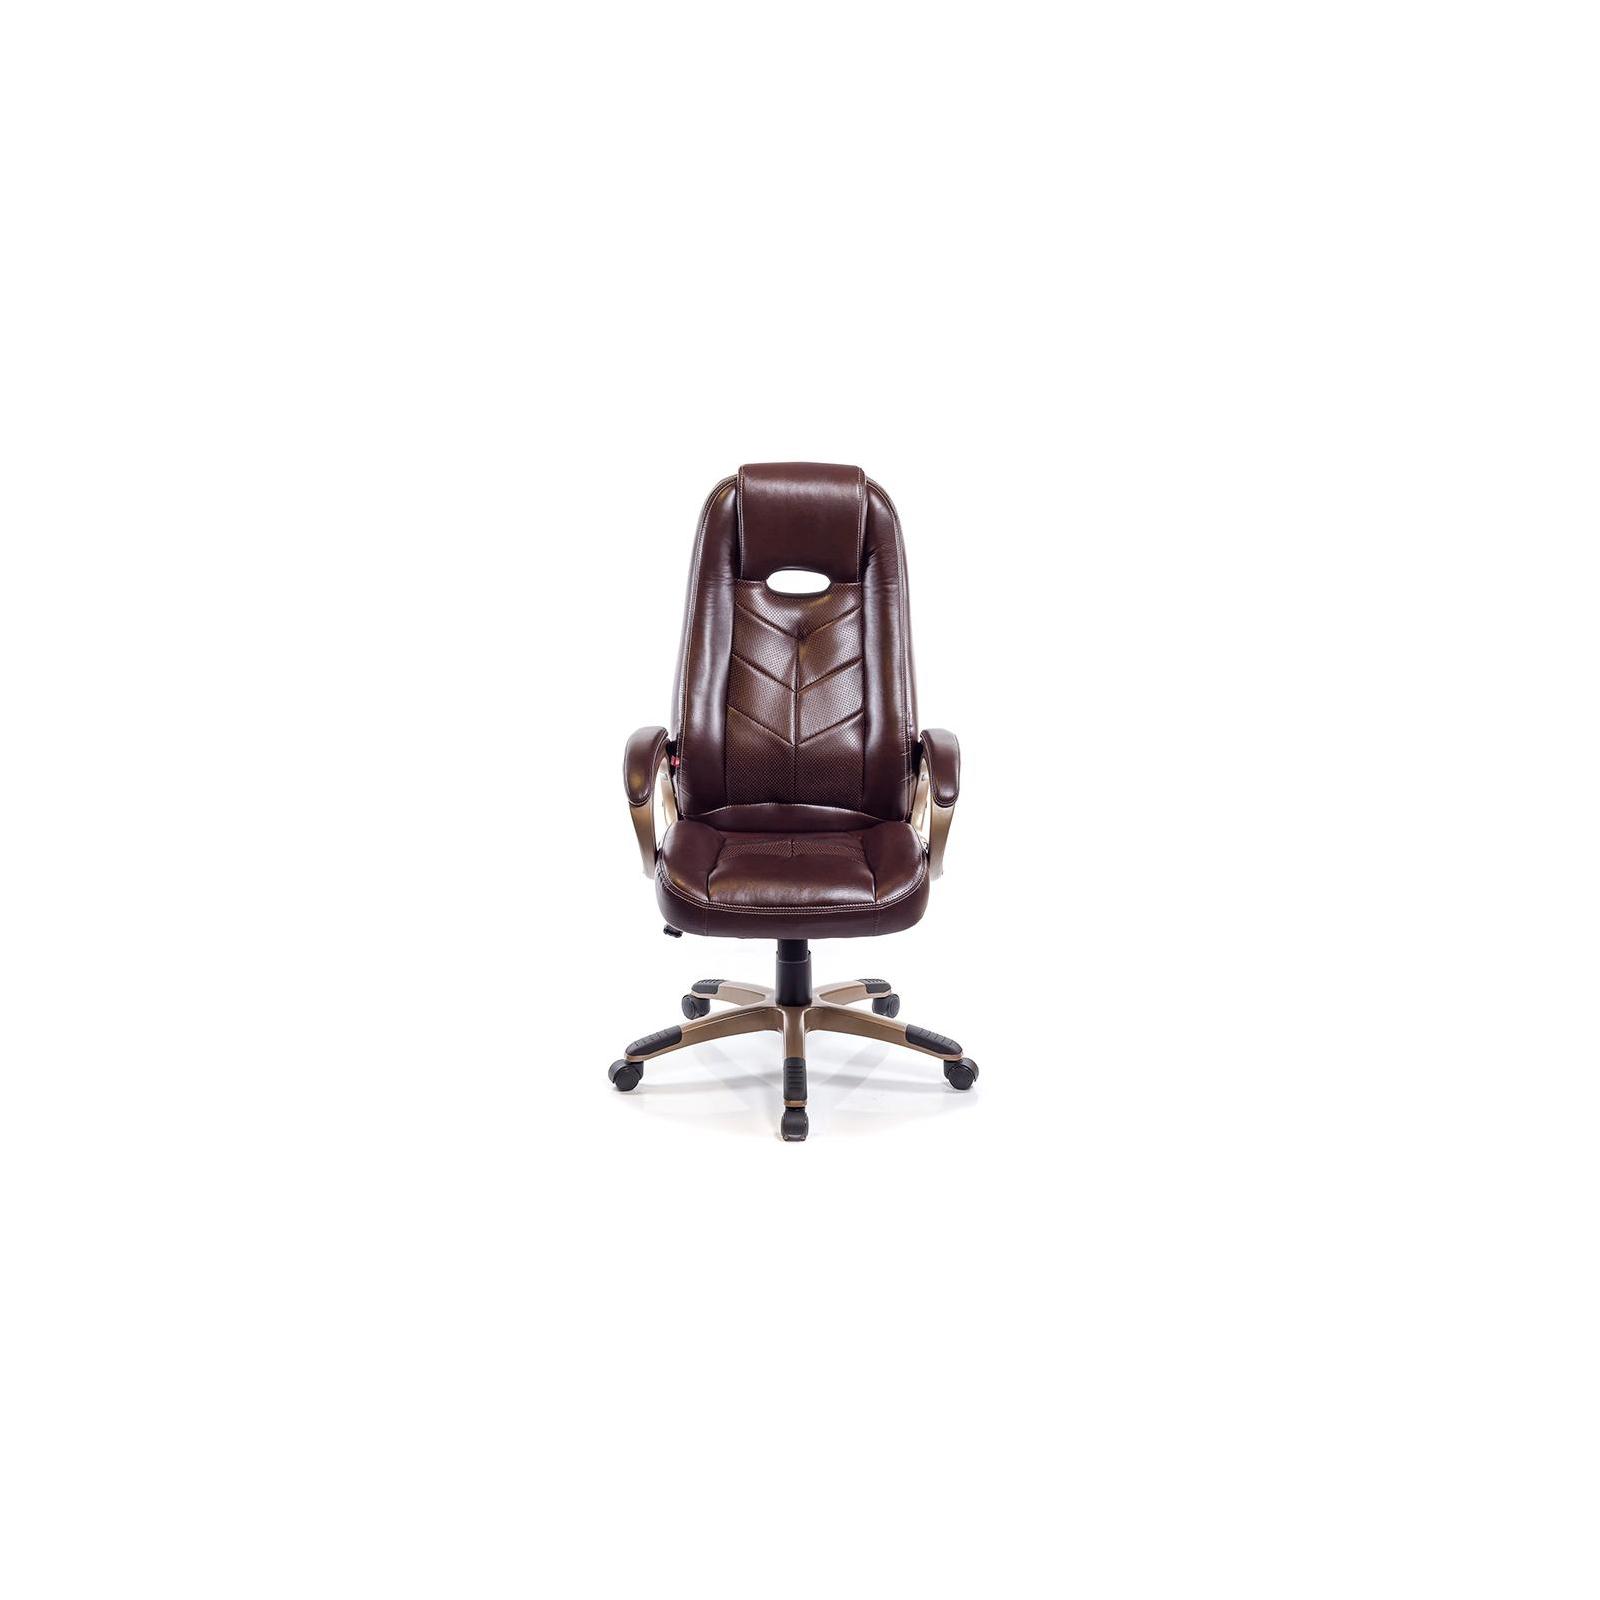 Кресло игровое АКЛАС Брук PL TILT Коричневое (07261) изображение 2